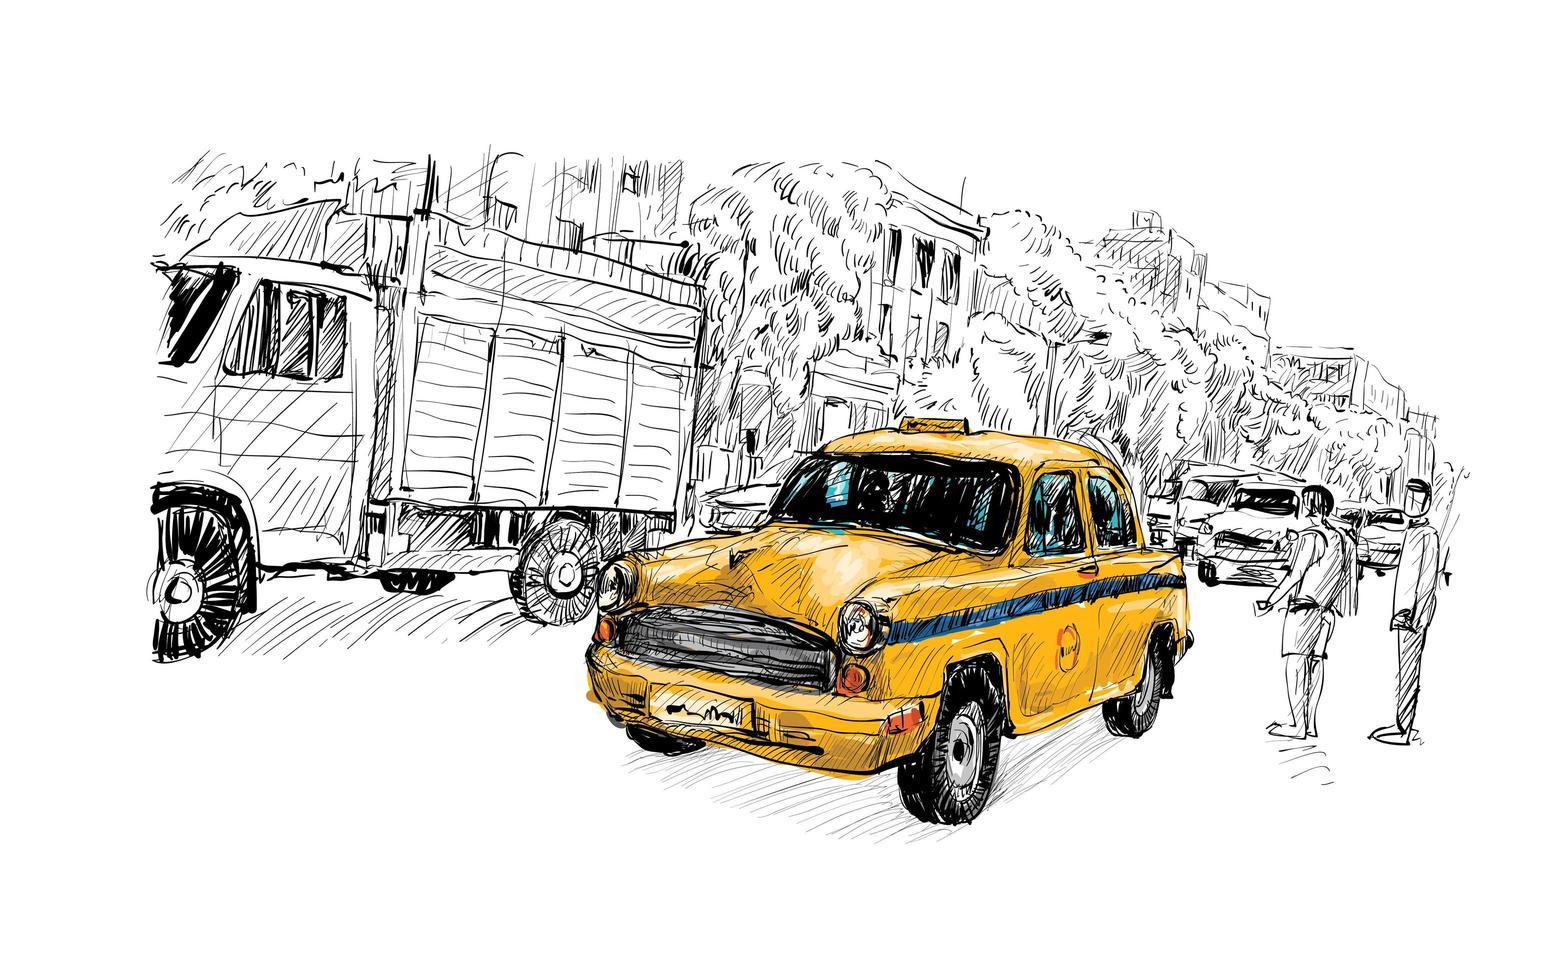 boceto de un taxi en un paisaje urbano vector